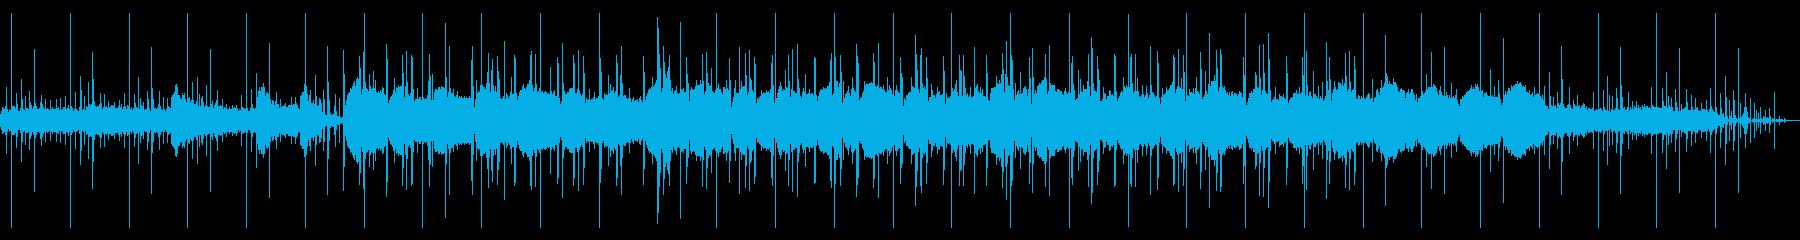 エレピとオルゴールのチル・ヒップホップの再生済みの波形